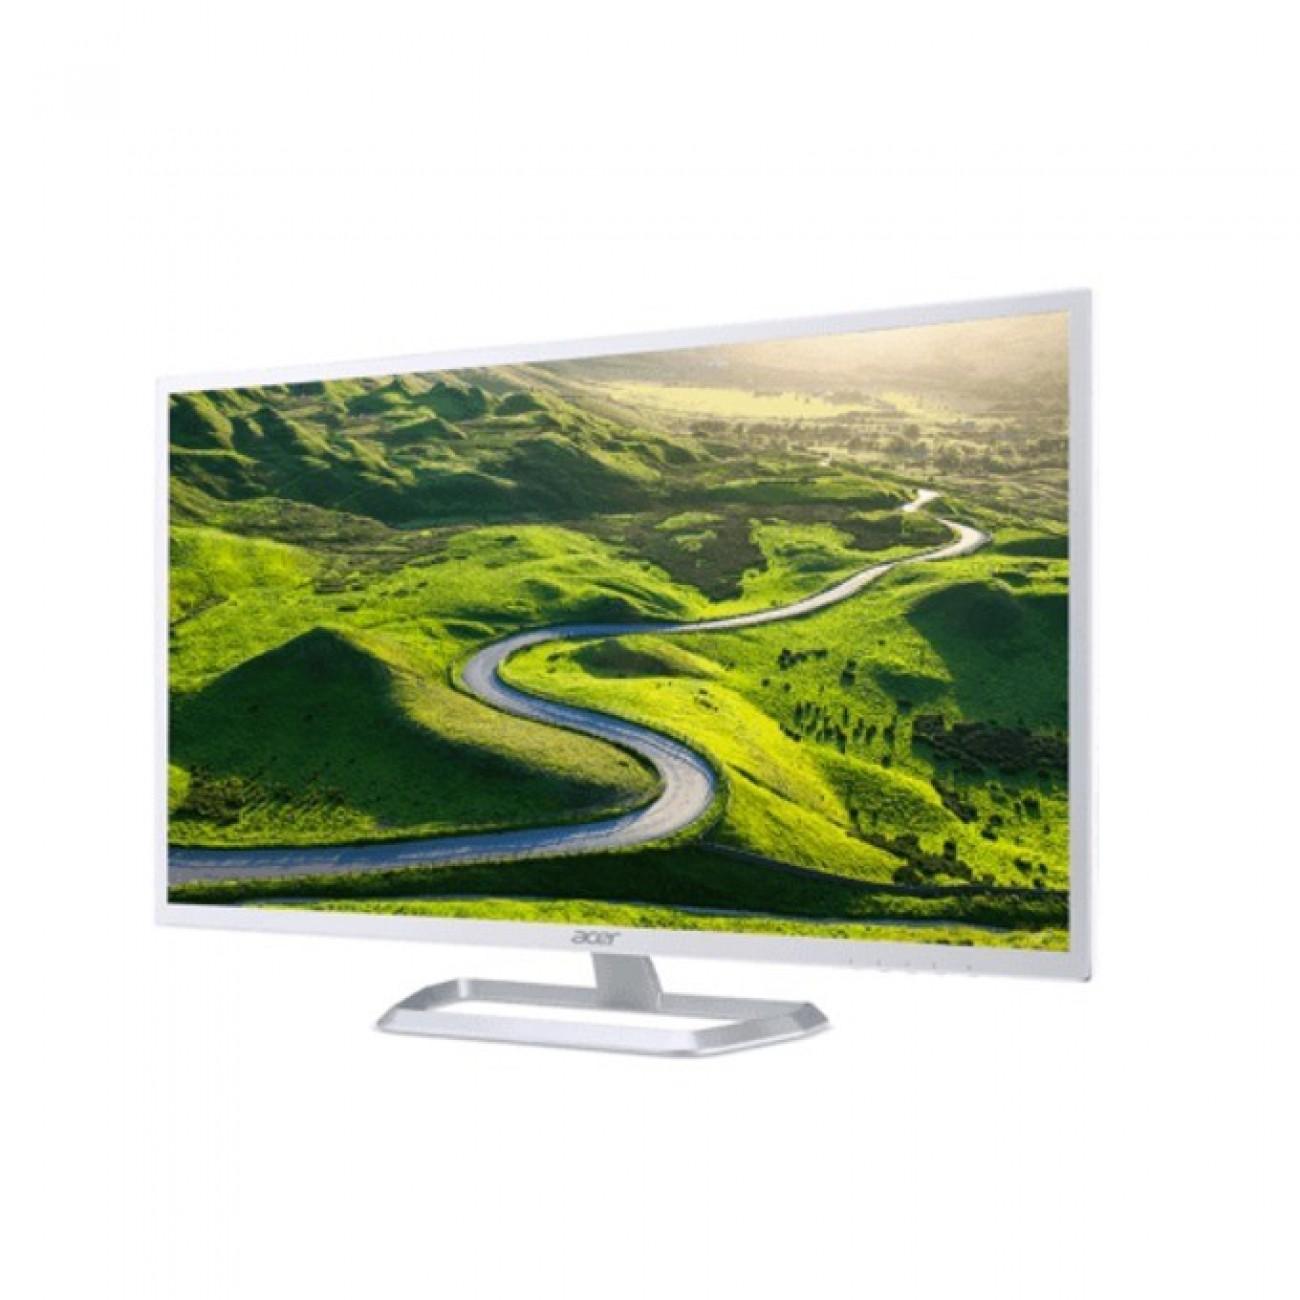 Монитор Acer EB321HQwd (UM.JE1EE.005), 31.5 (80.01 cm), IPS панел, Full HD (1920 x 1080), 4 ms, 100M:1, 300 (cd/m2), DVI, VGA в Монитори -  | Alleop